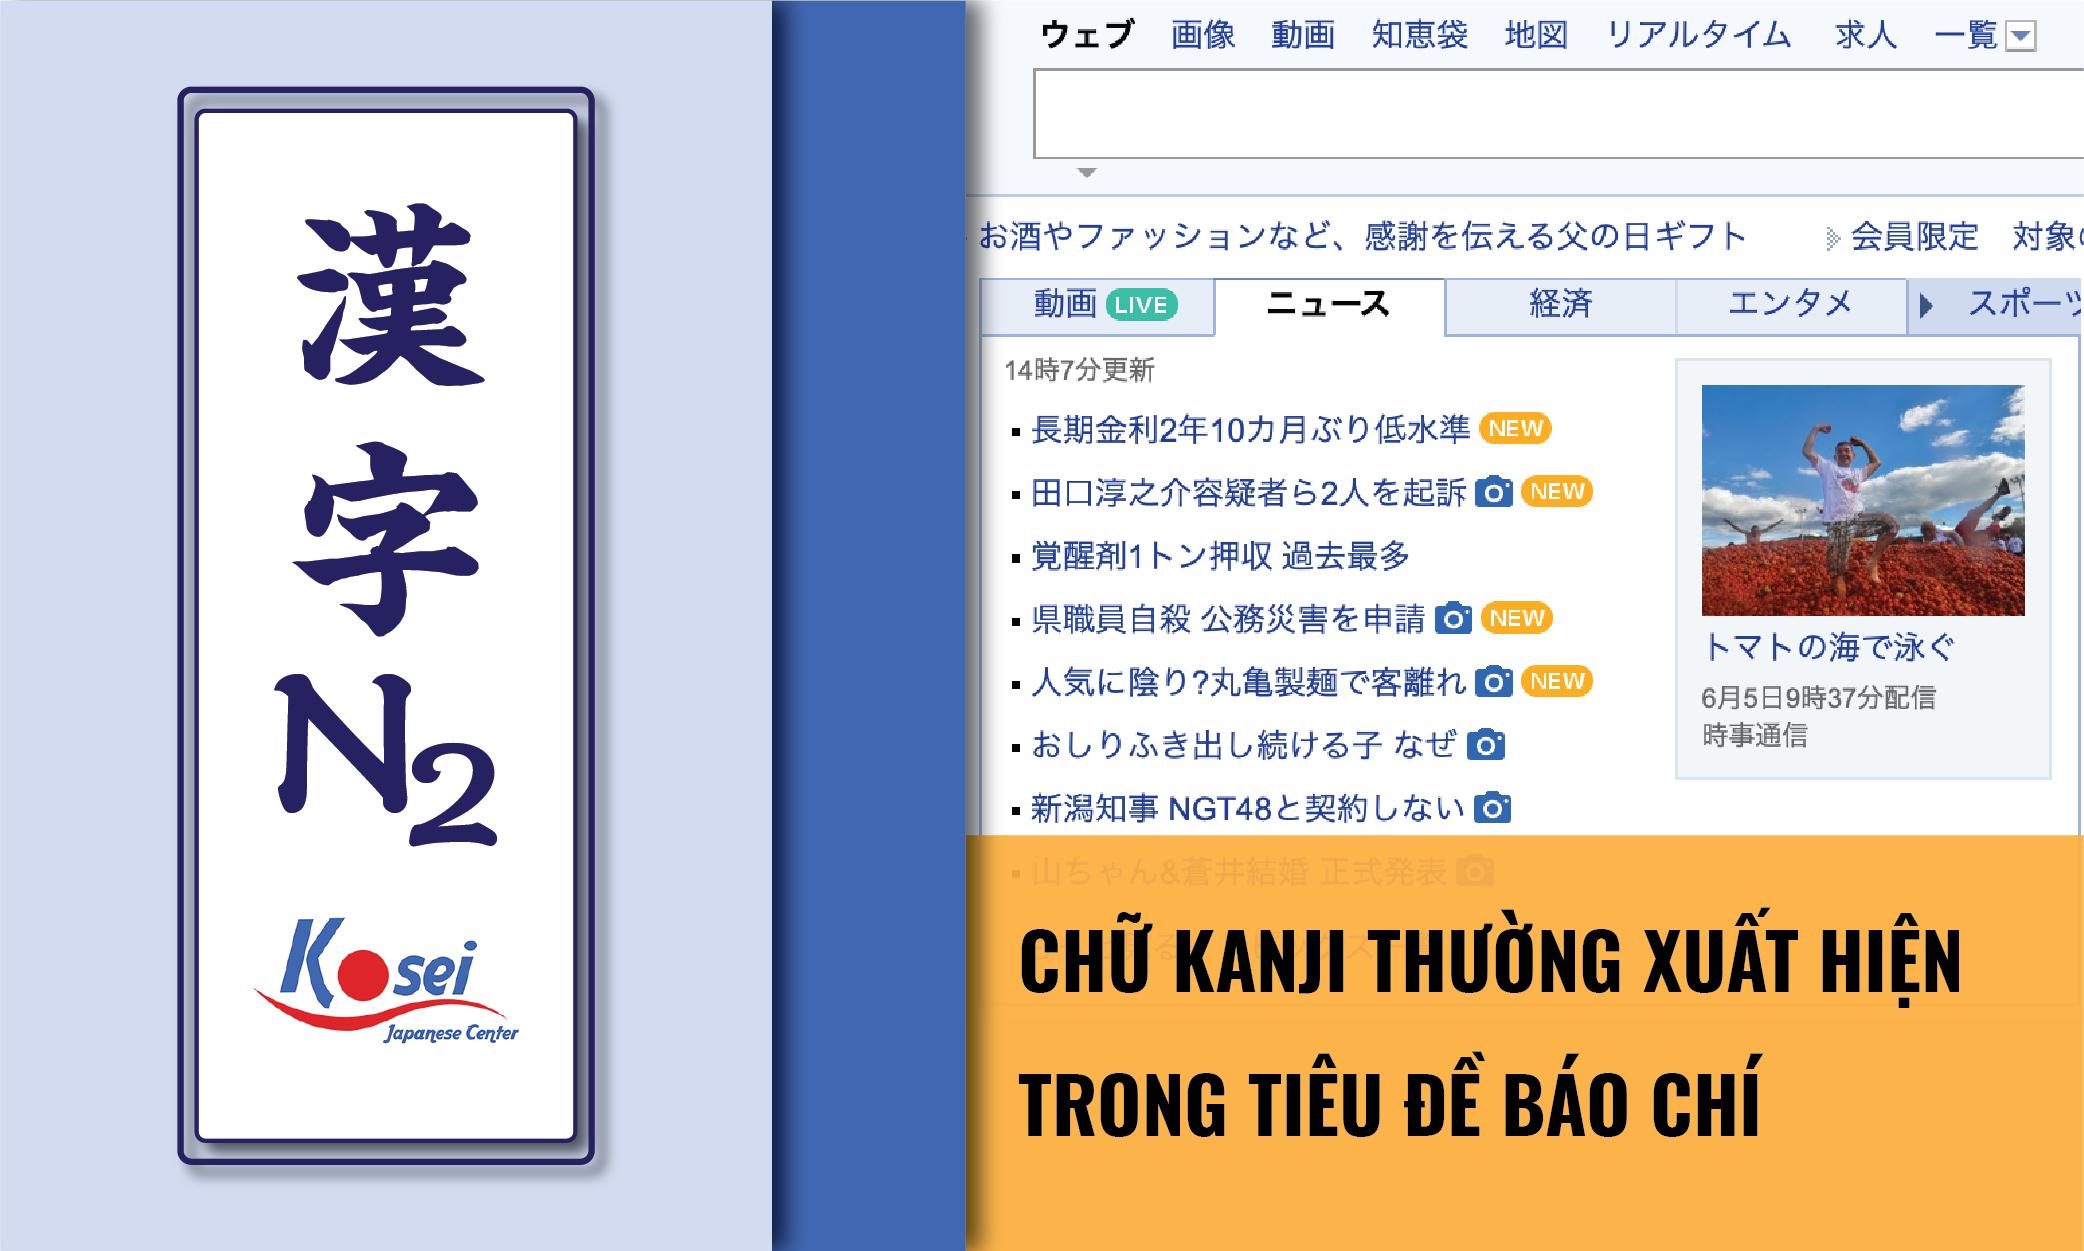 (Tổng hợp) Kanji N2: Các Kanji xuất hiện trên tiêu đề báo